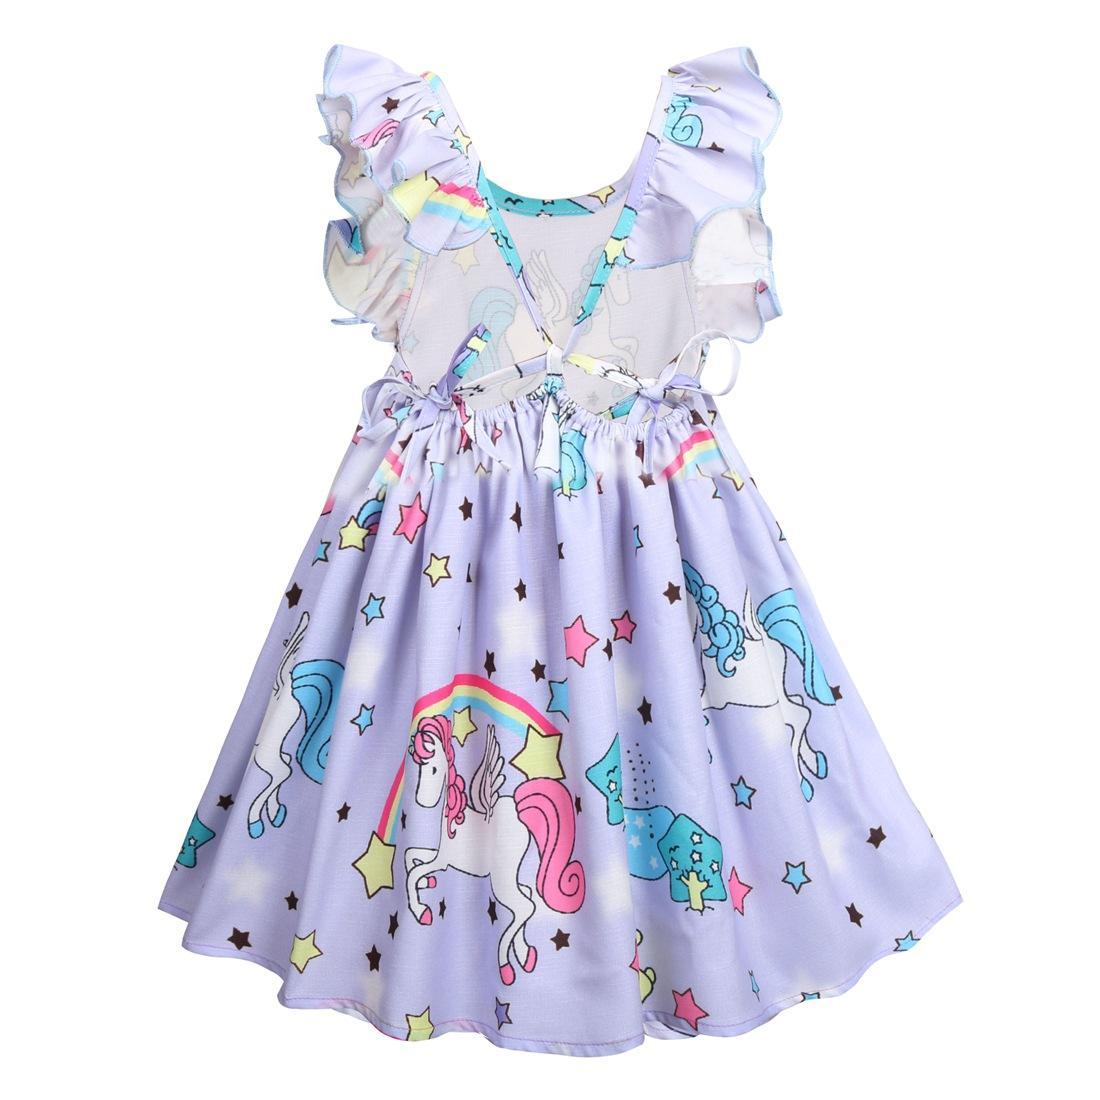 d75b82de4b Nuove ragazze arcobaleno unicorno vestito colorato stella falbala manica  bambini principessa abito INS bambini vestito estivo bambini vestiti del ...